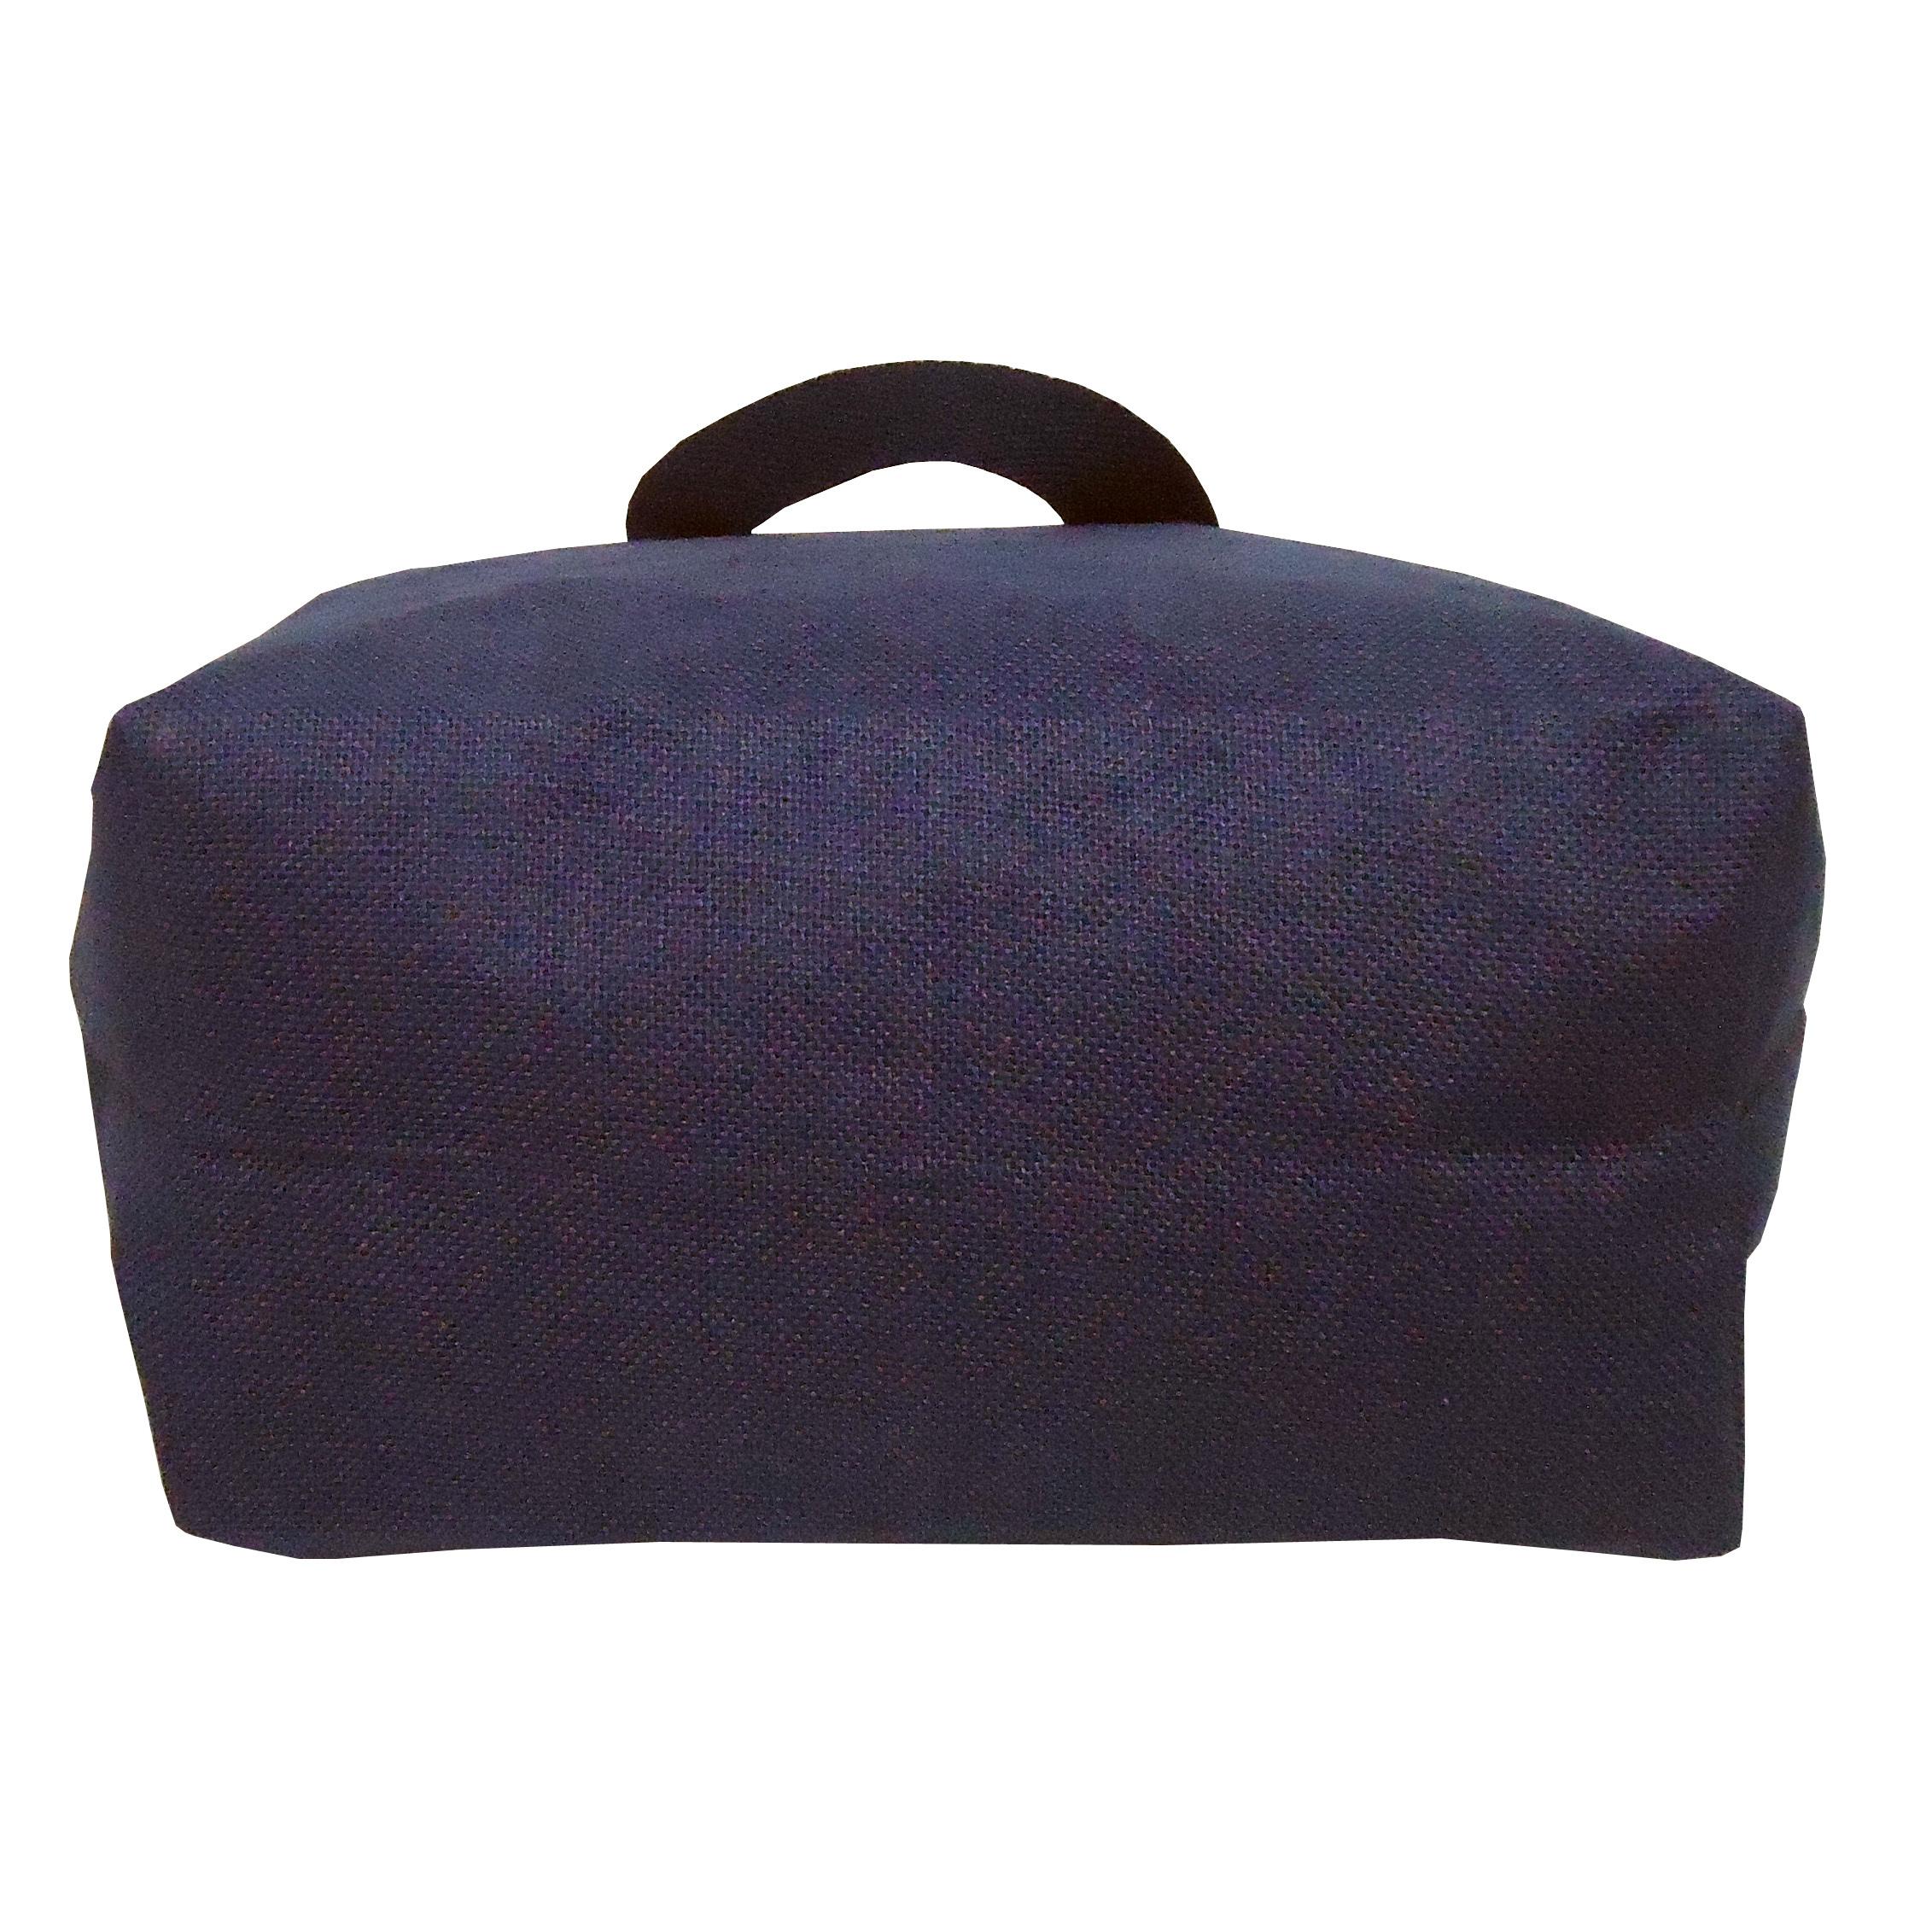 PP Laminated Jute Tote Bag With Zip Closure